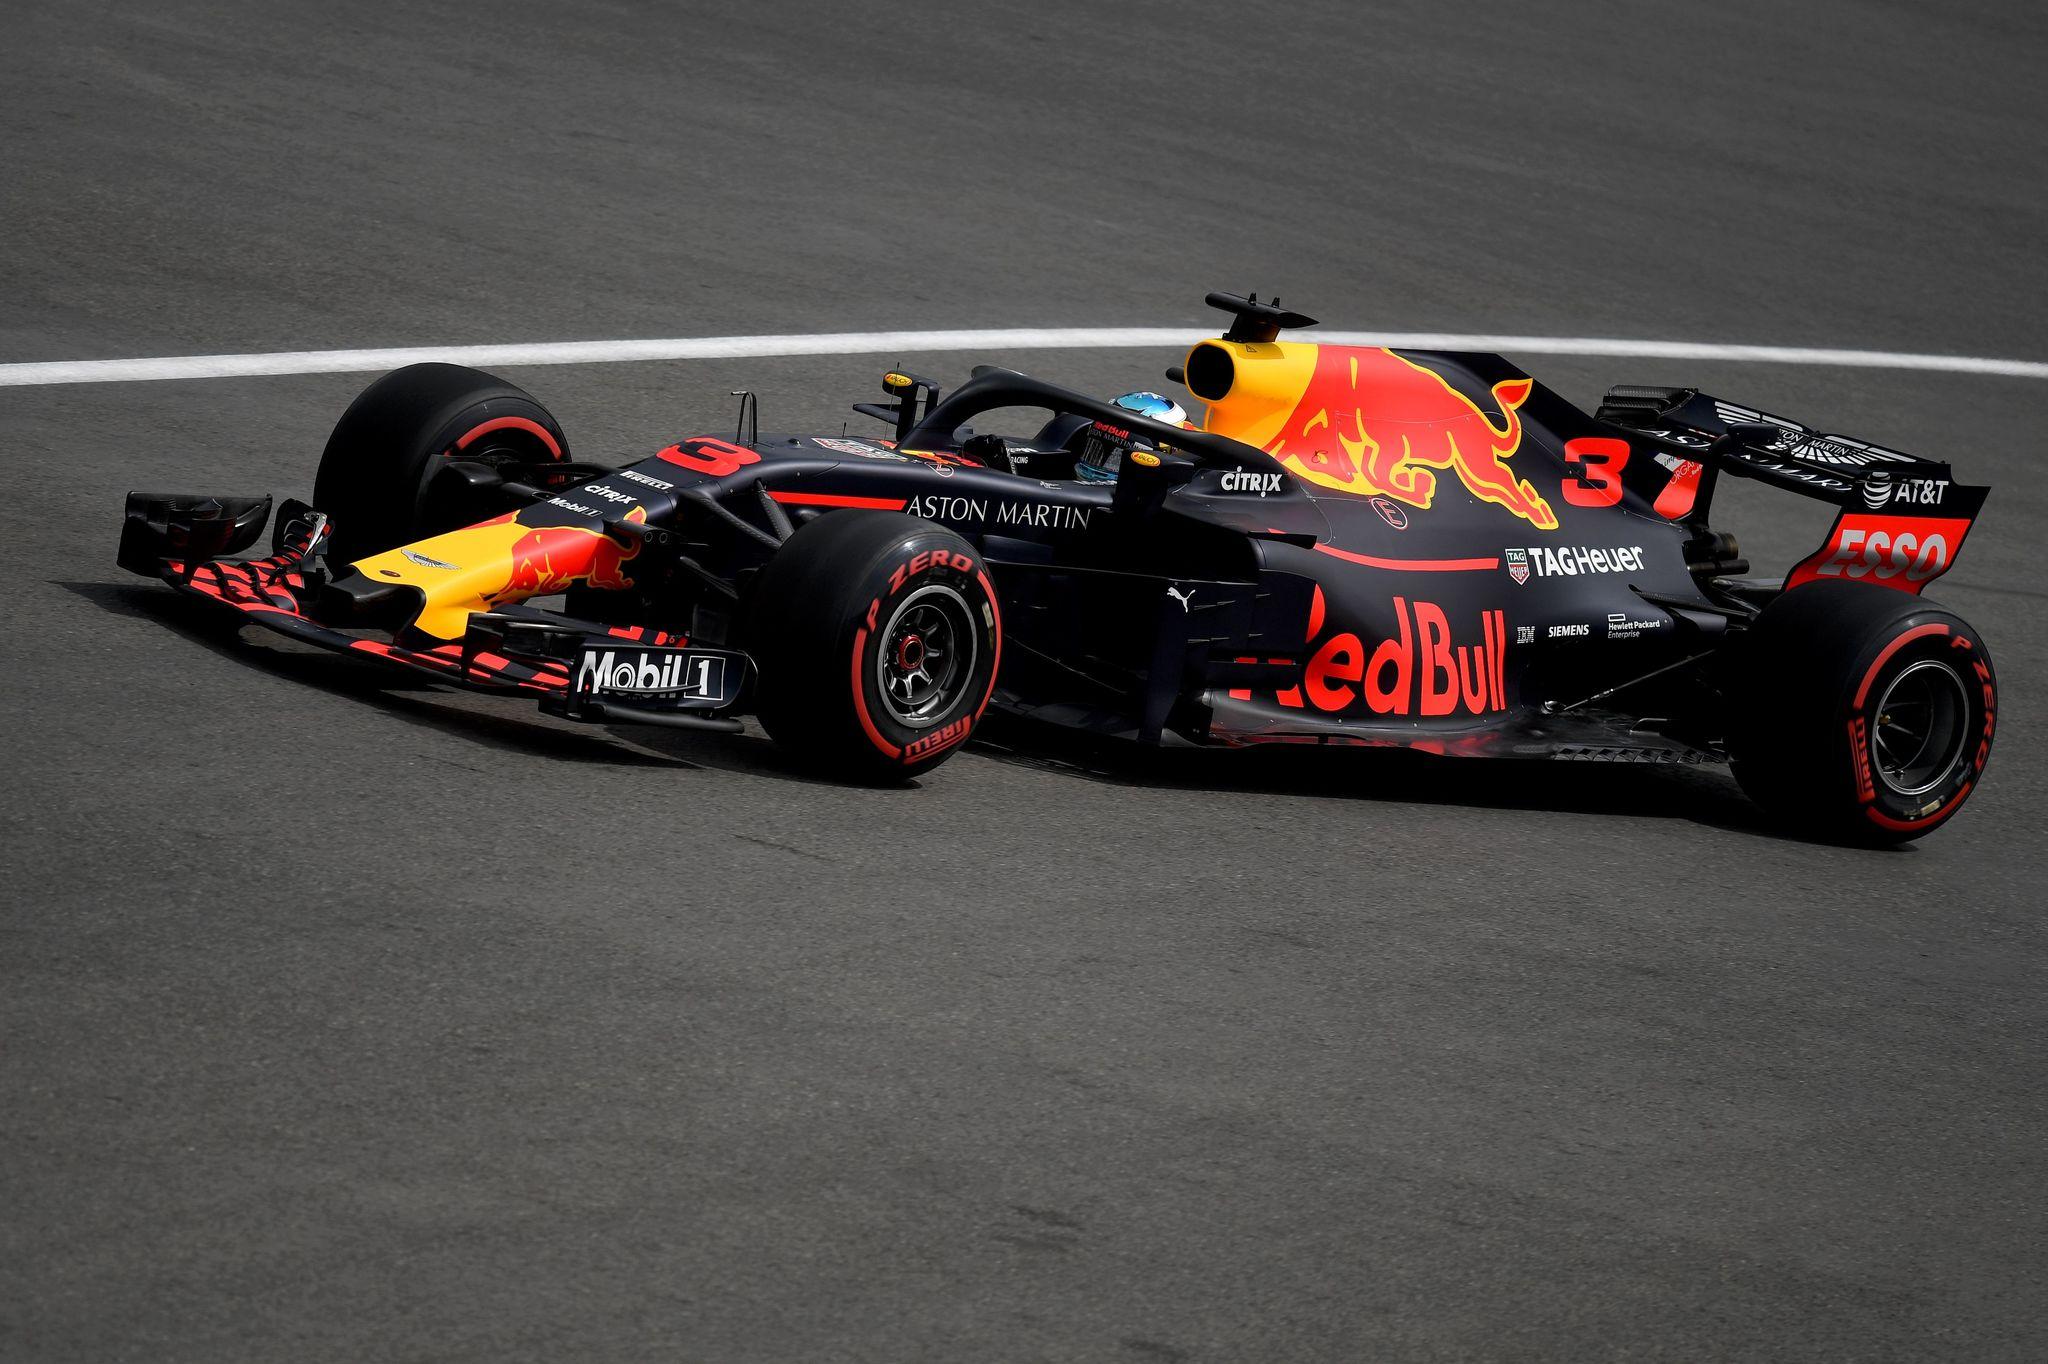 Gran Premio de Azerbaijan 2018 15248397634985